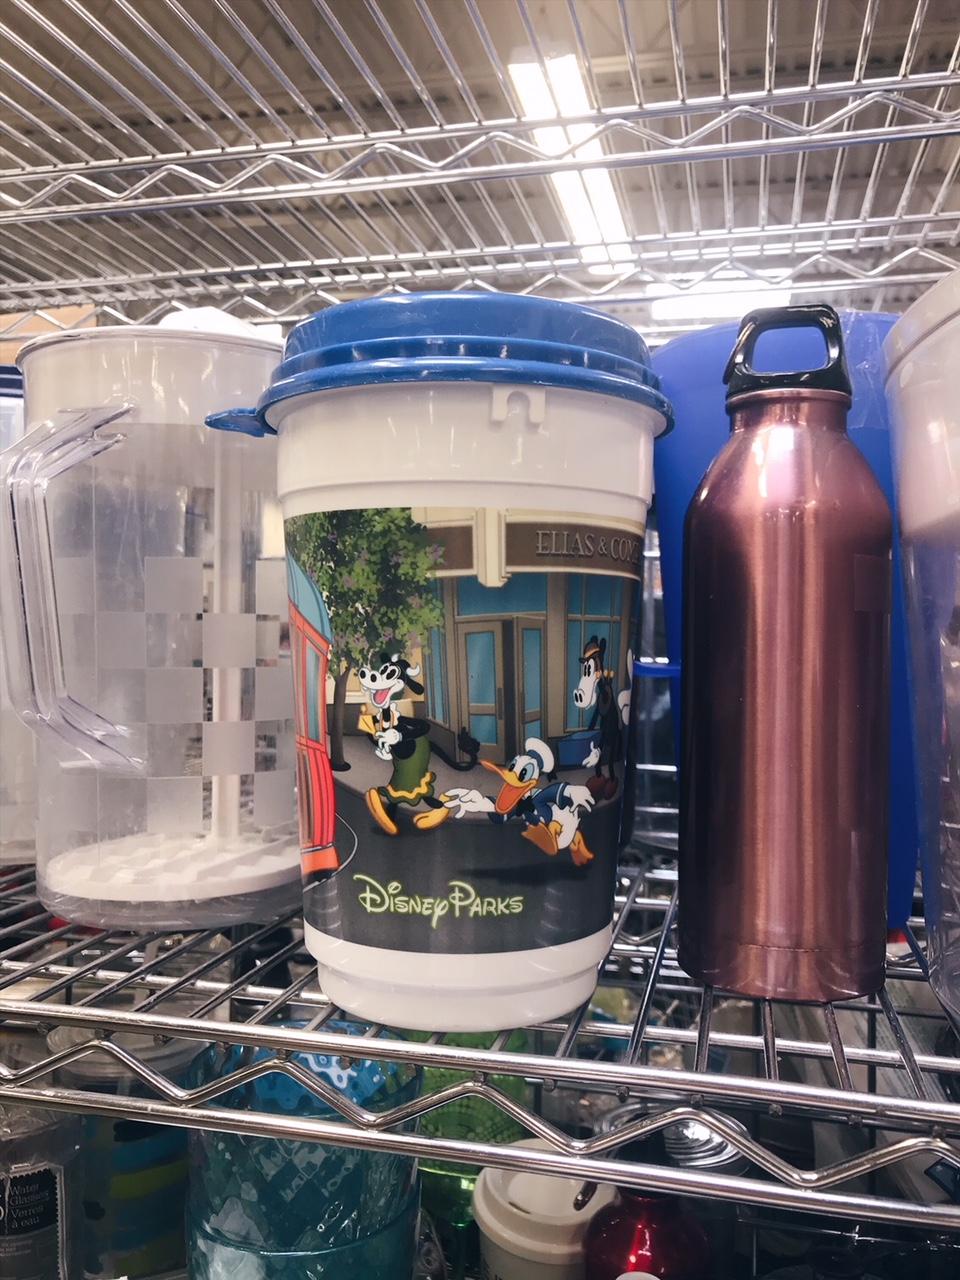 Vintage Disney Popcorn buckets